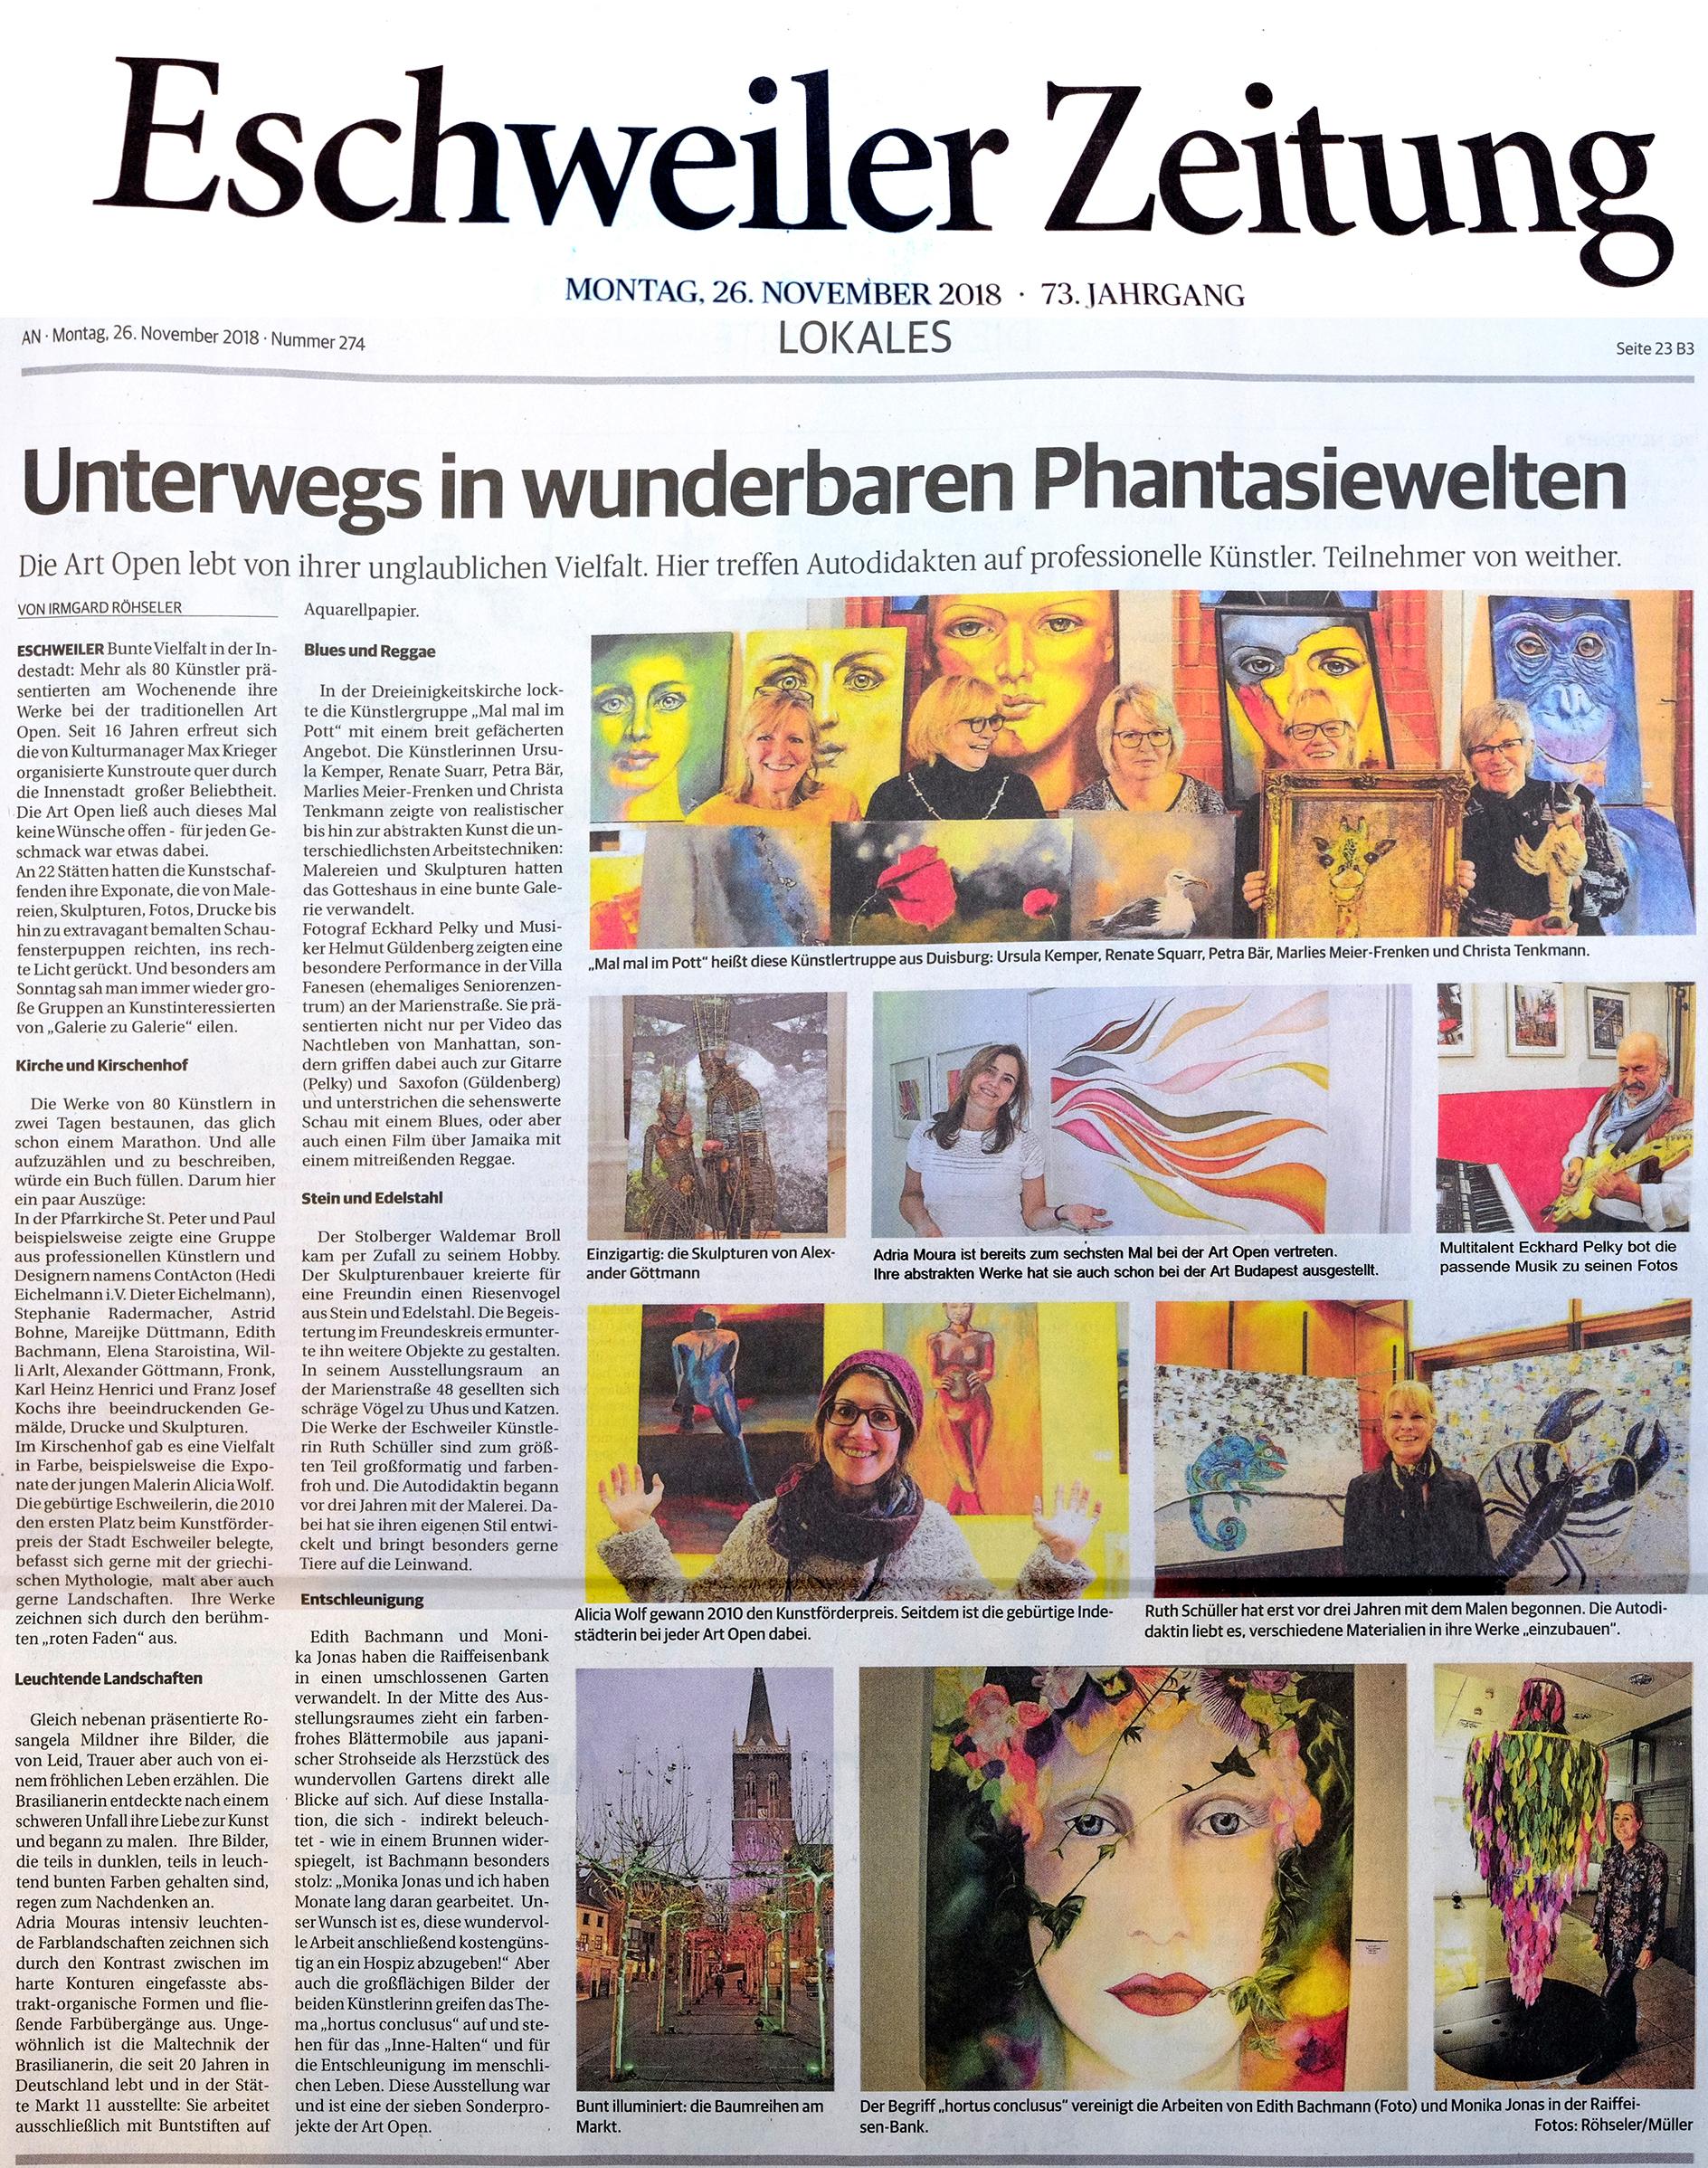 Eschweiler Zeitung-Art Open Zeitungsartikel